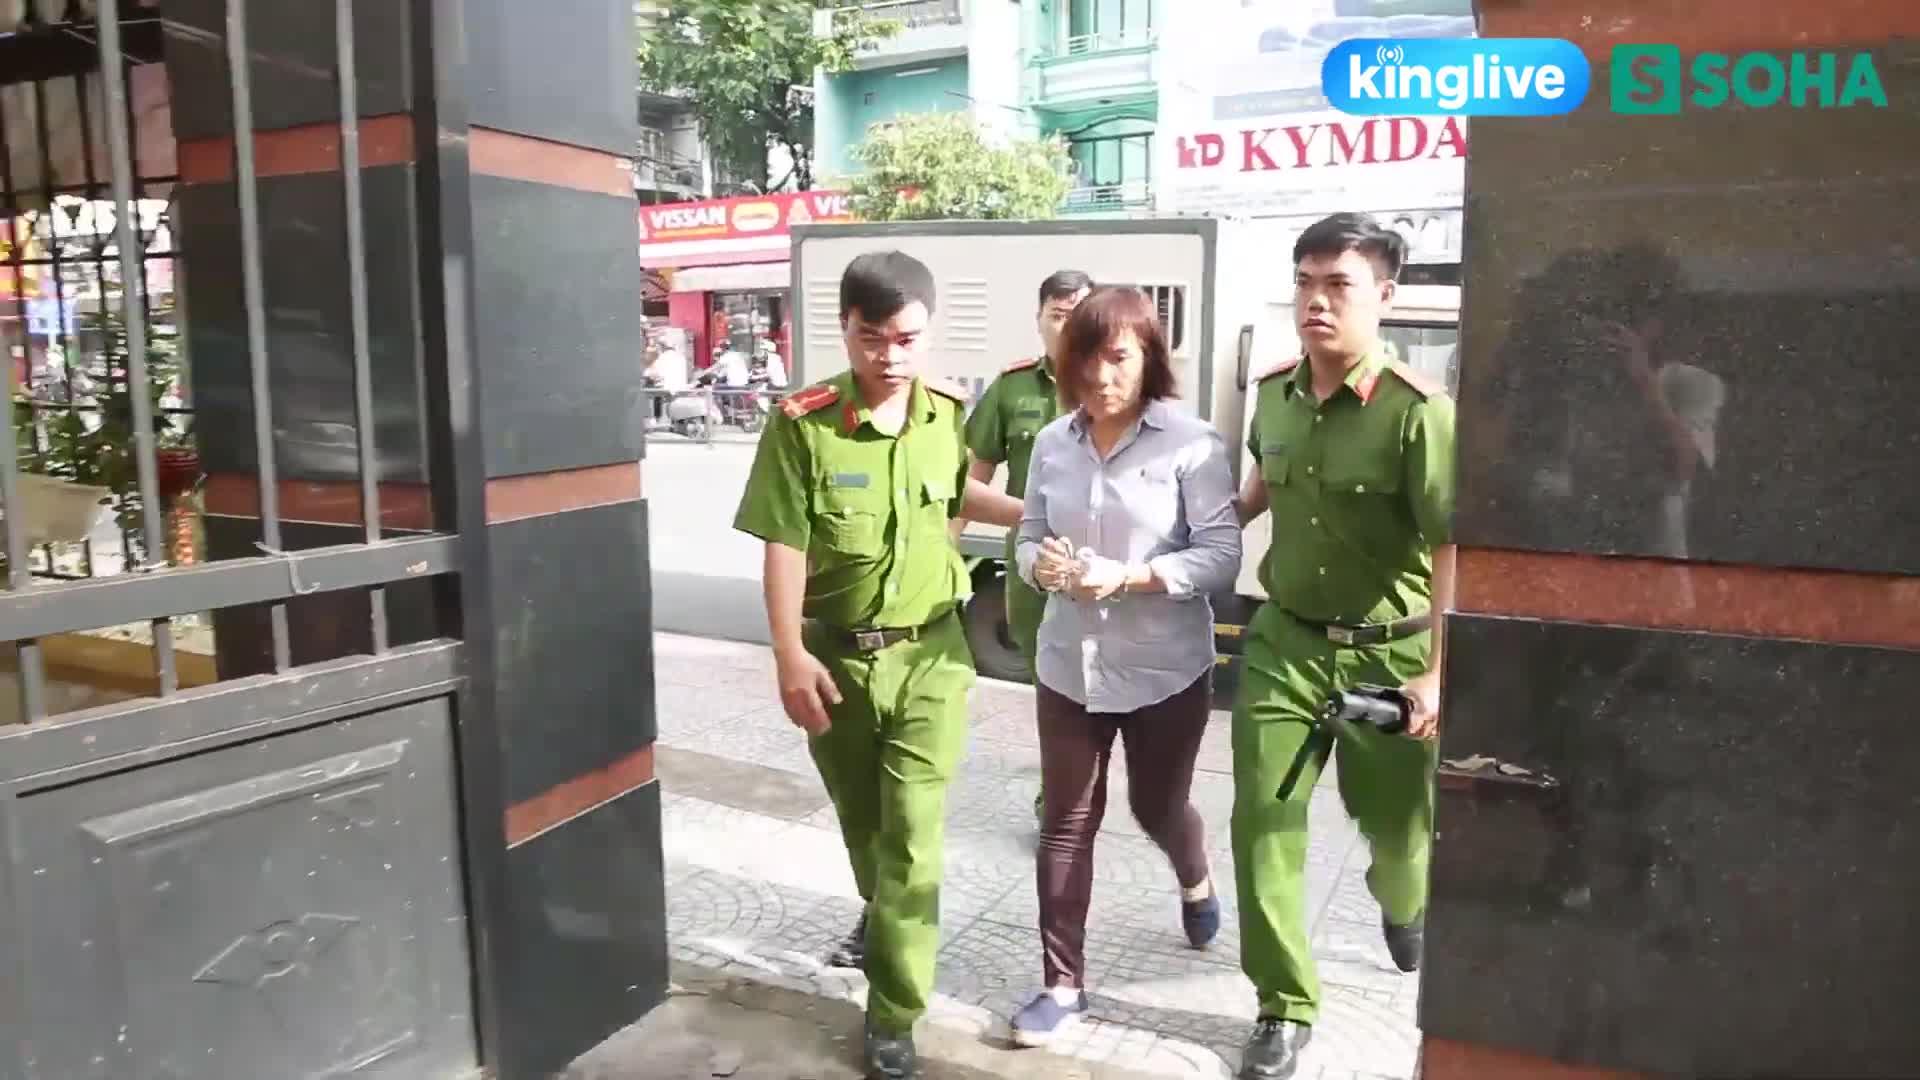 Nữ tài xế lái xe BMW được dẫn vào phòng xét xử (Kingpro)